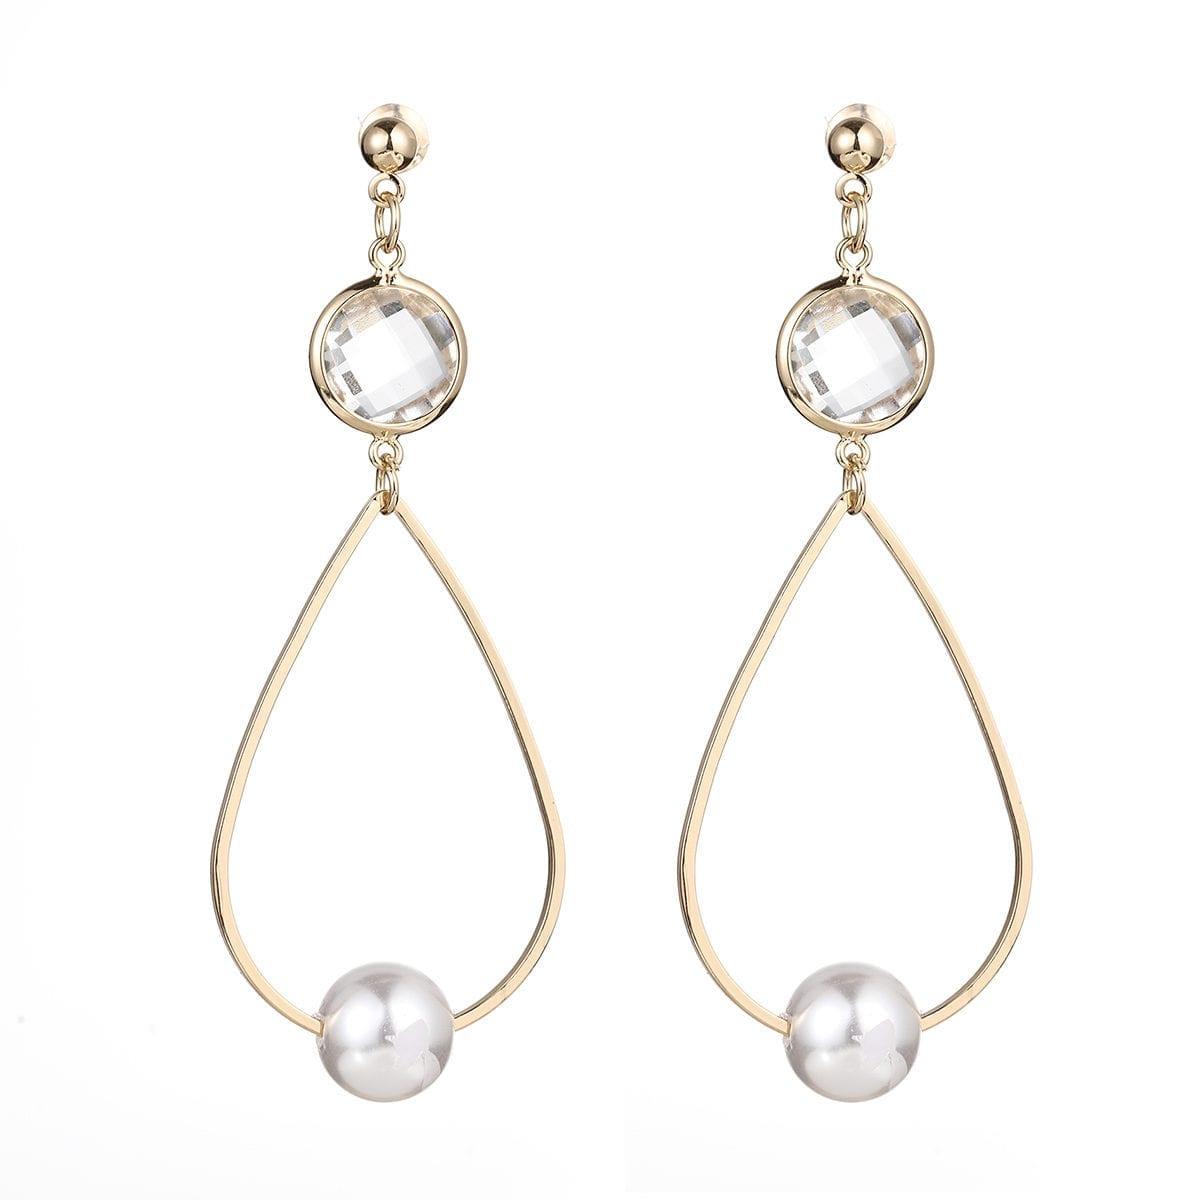 earrings648-20-colour-15-pgr10